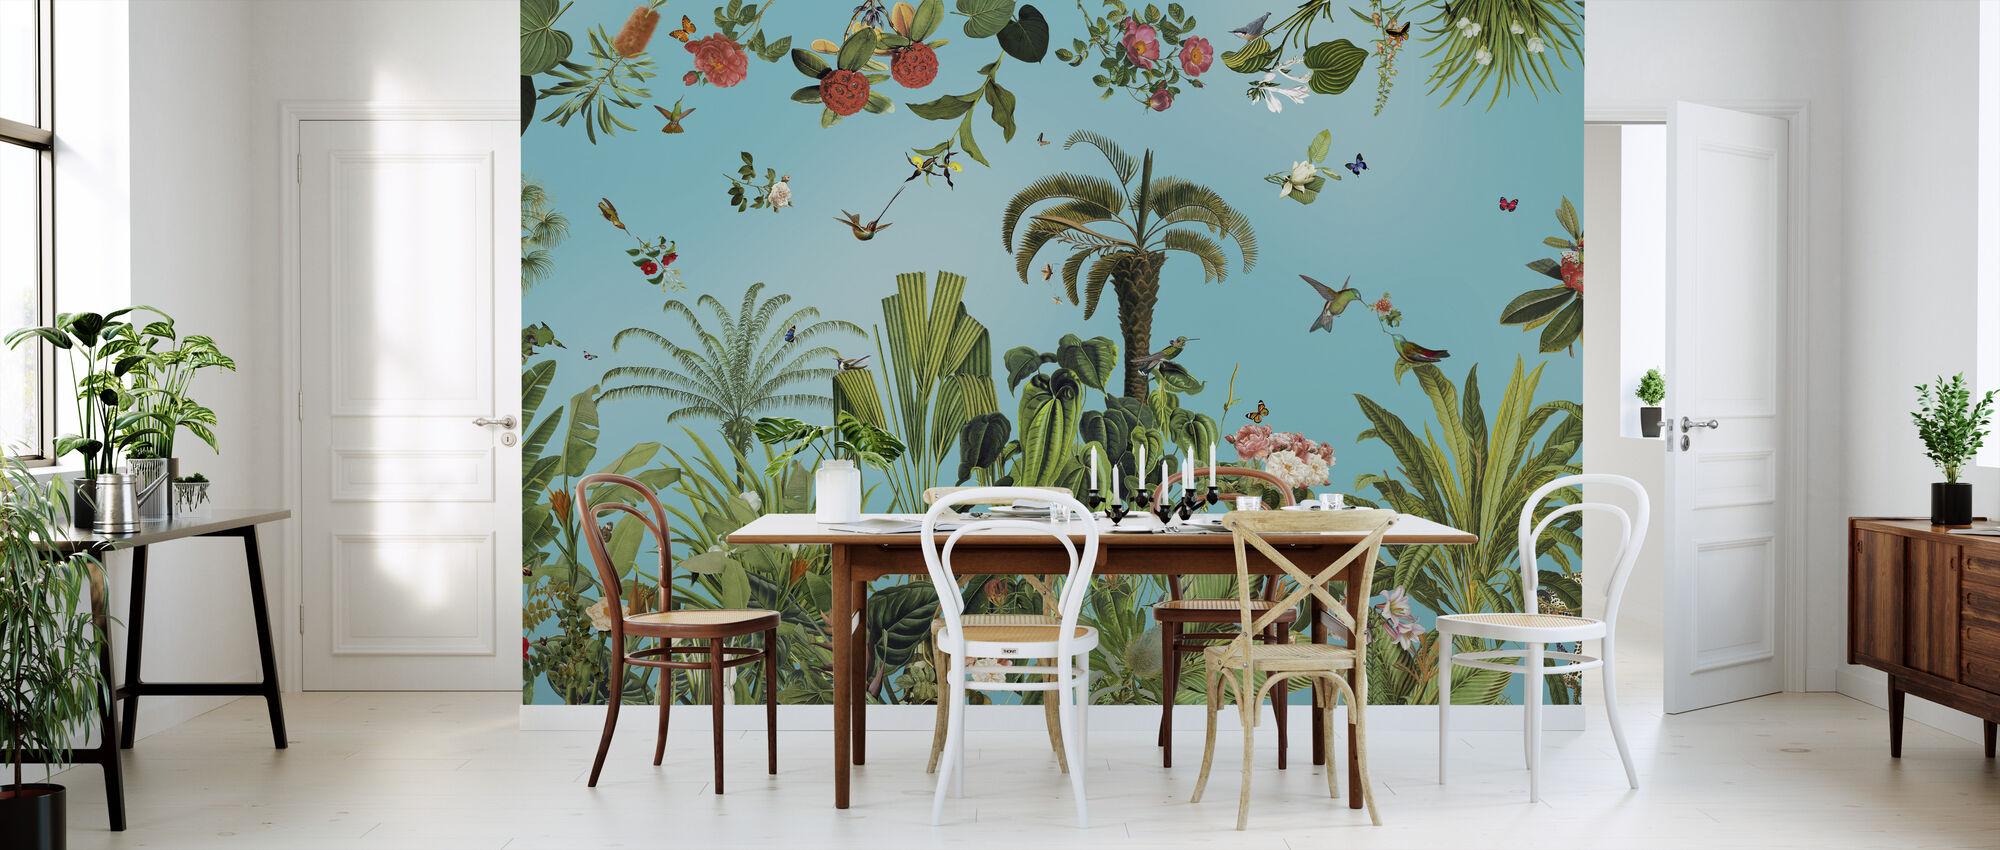 Thriver - Day - Wallpaper - Kitchen